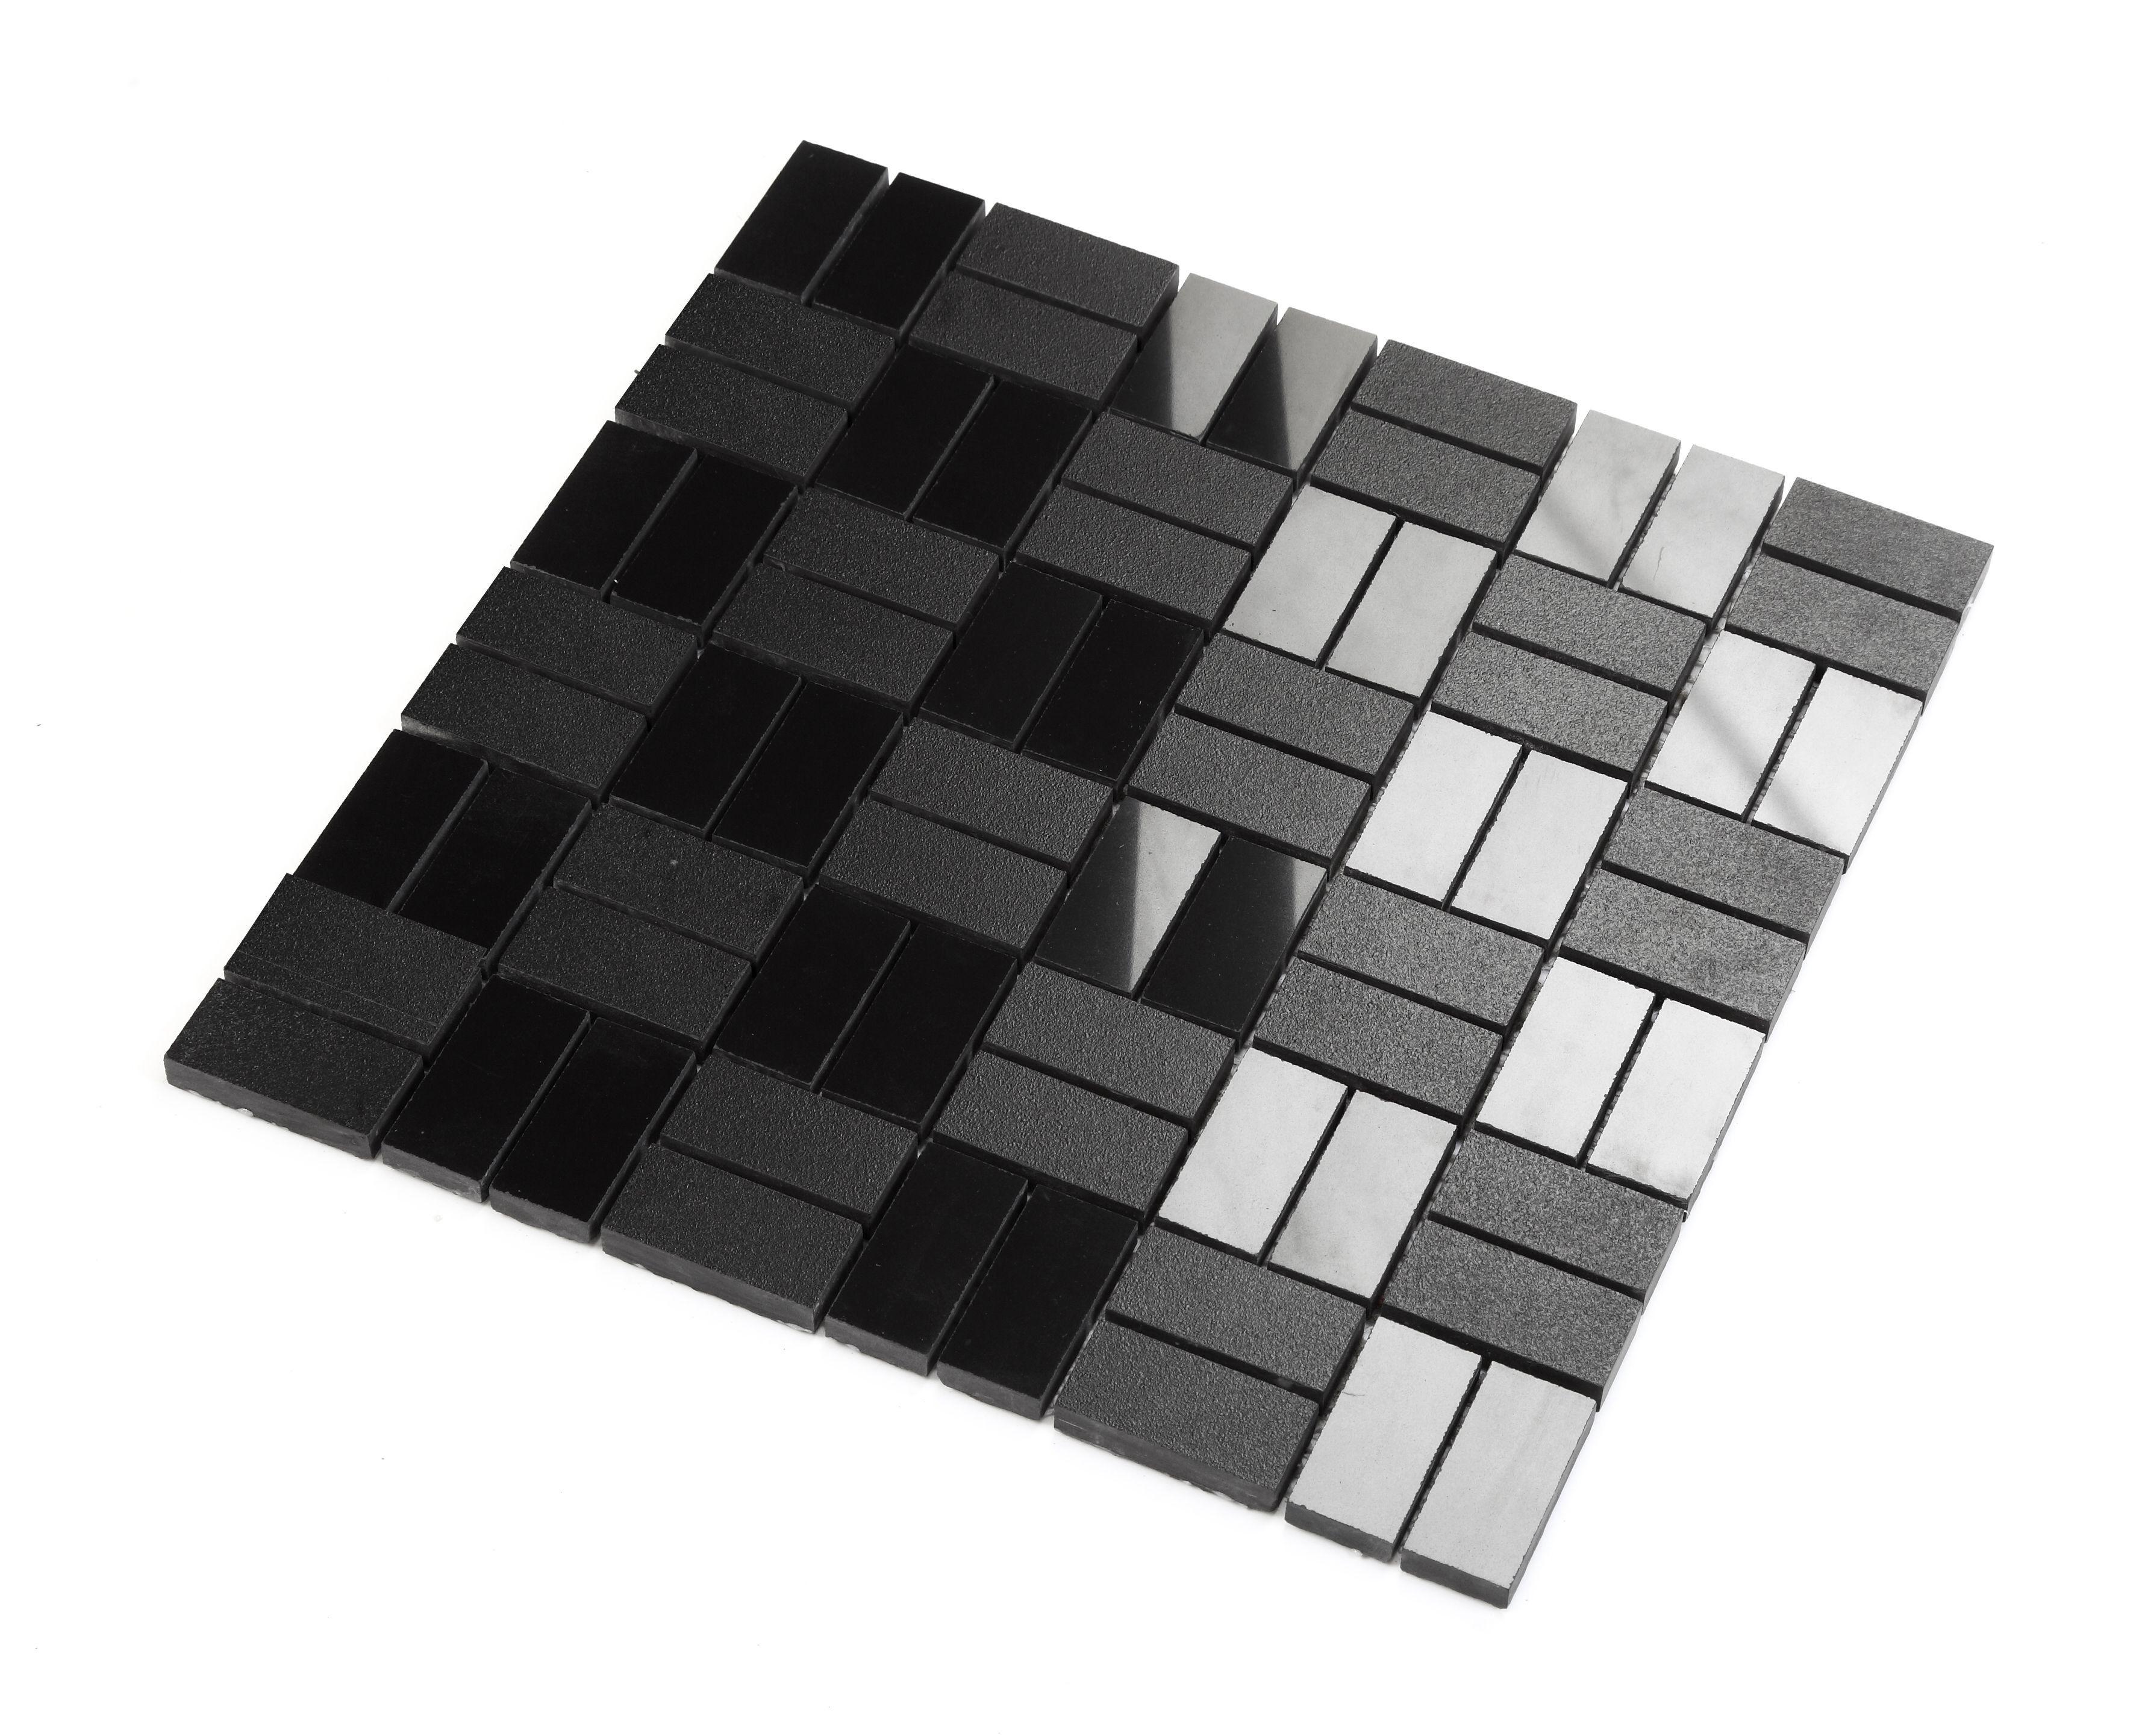 Carrelage Mosaique En Ceramique Noire Mur Et Sol Mp Vitti